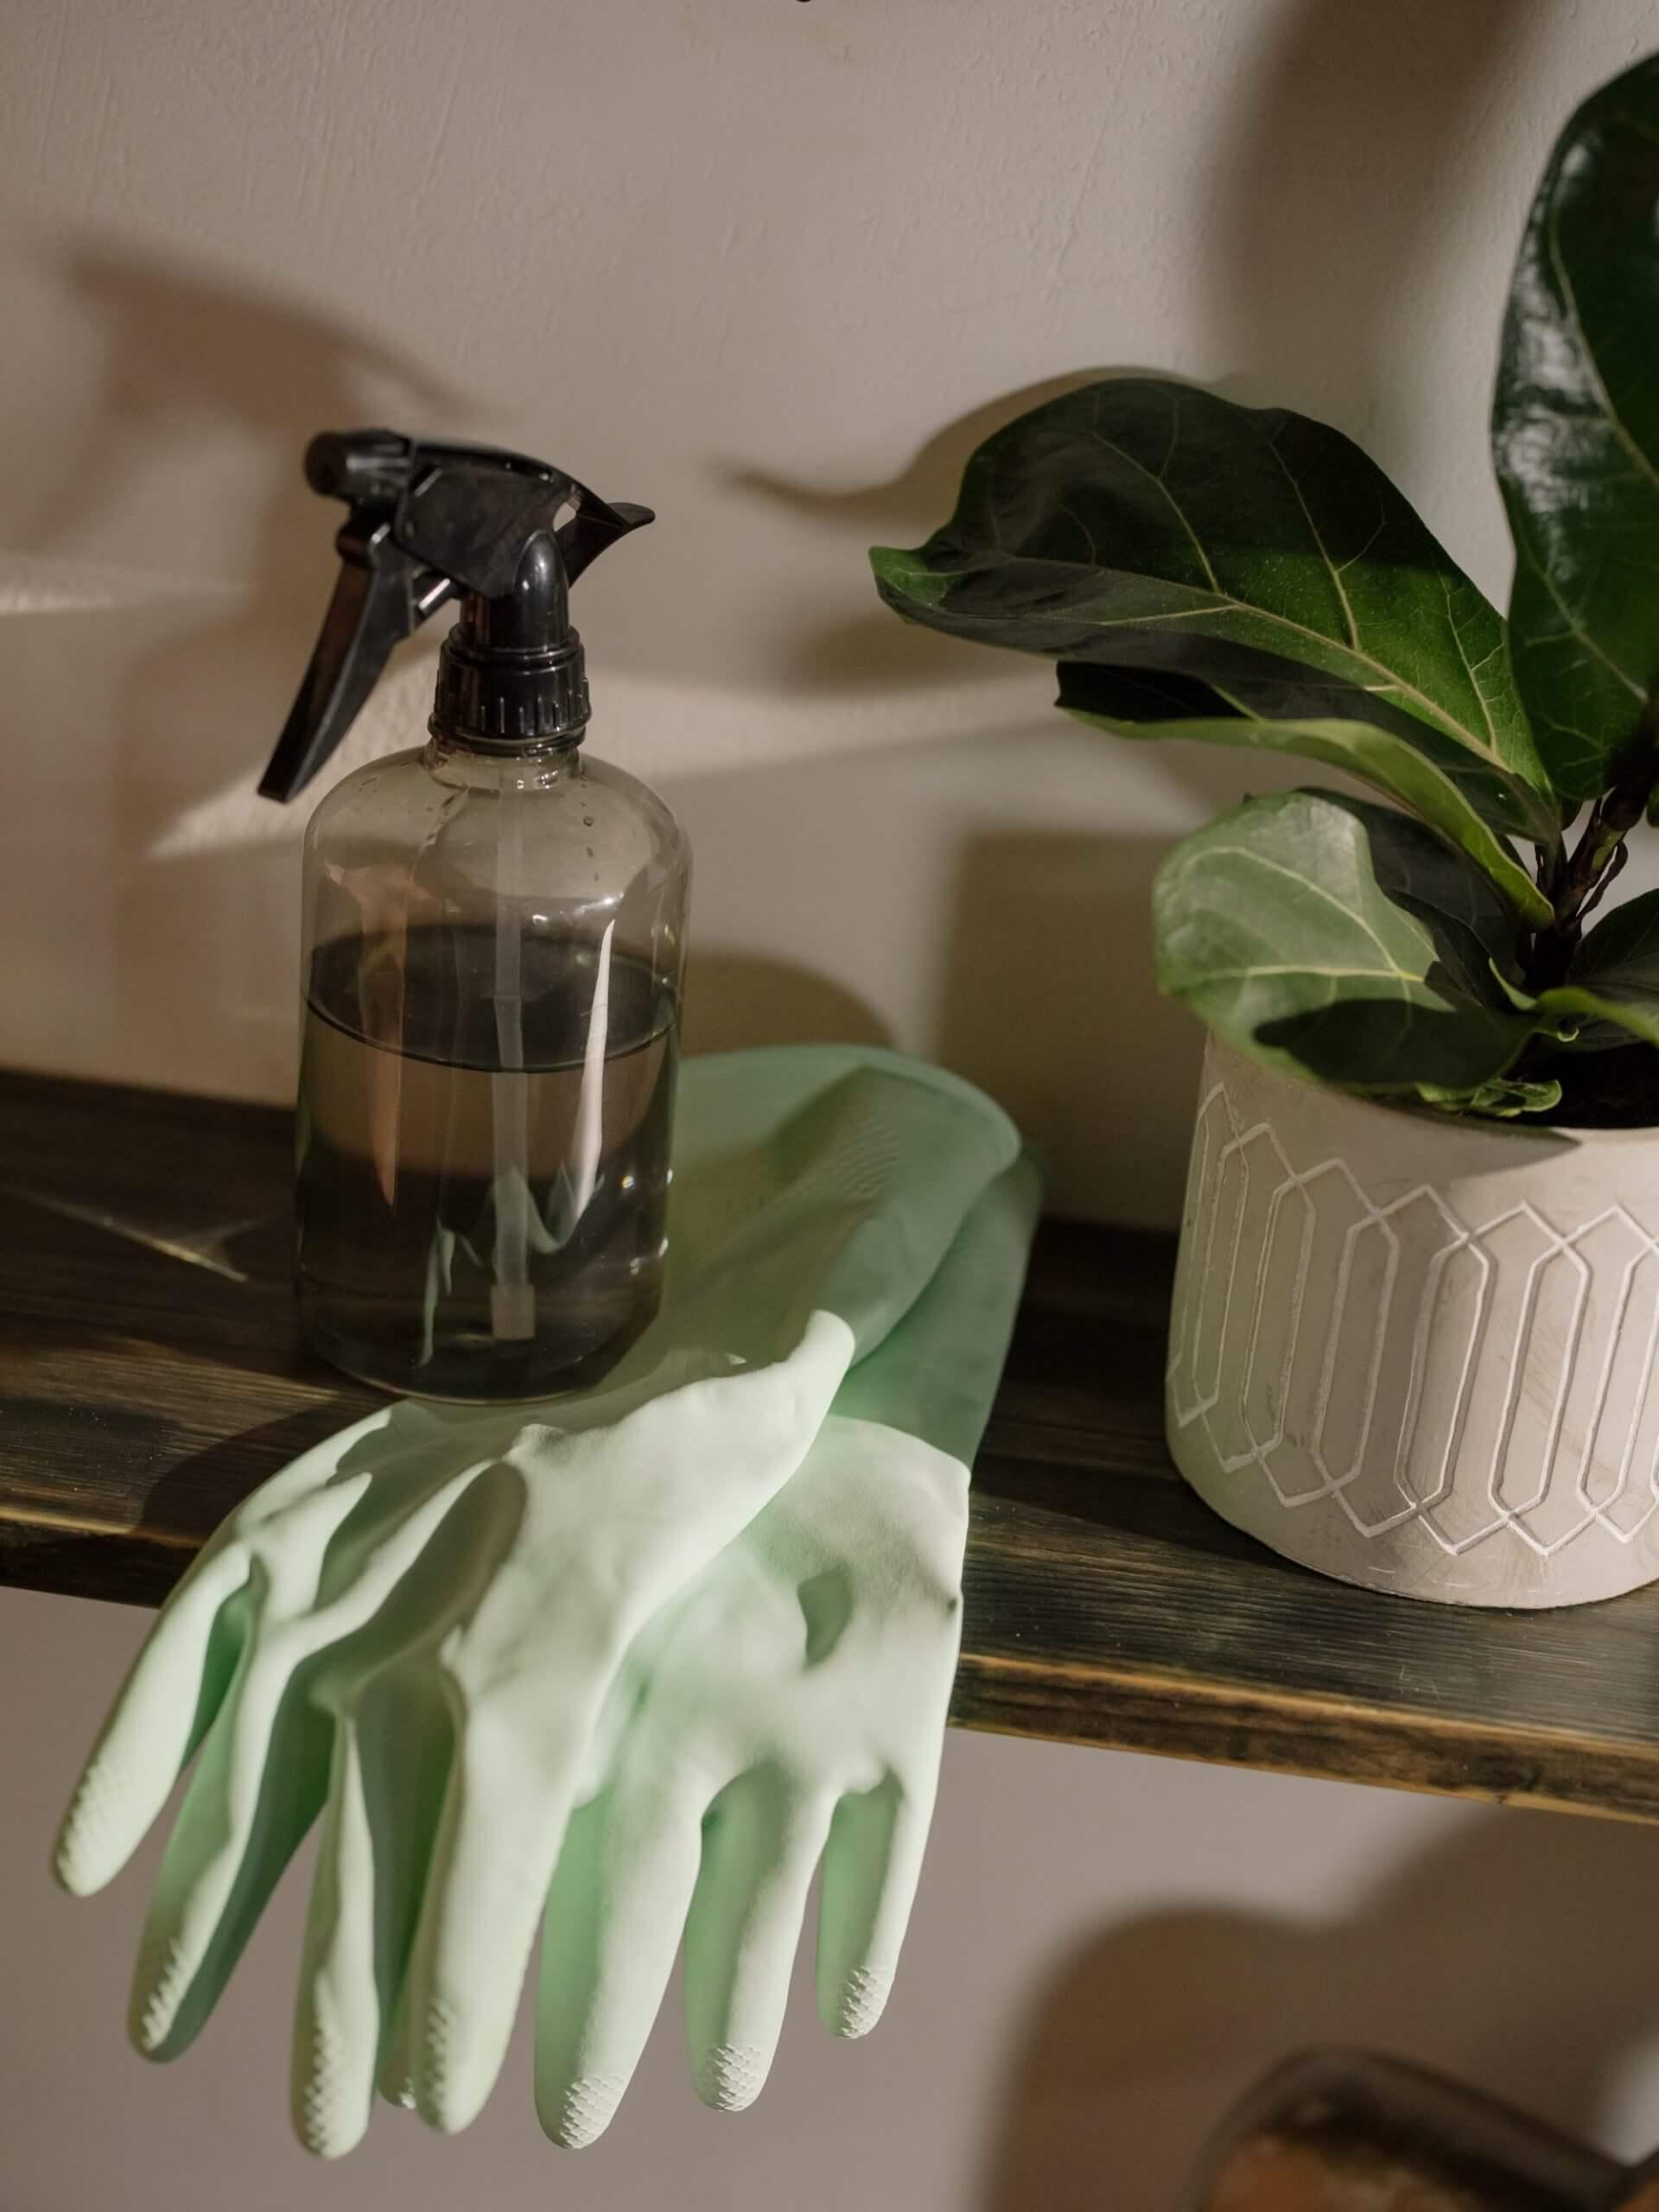 empresa de limpieza en el hogar